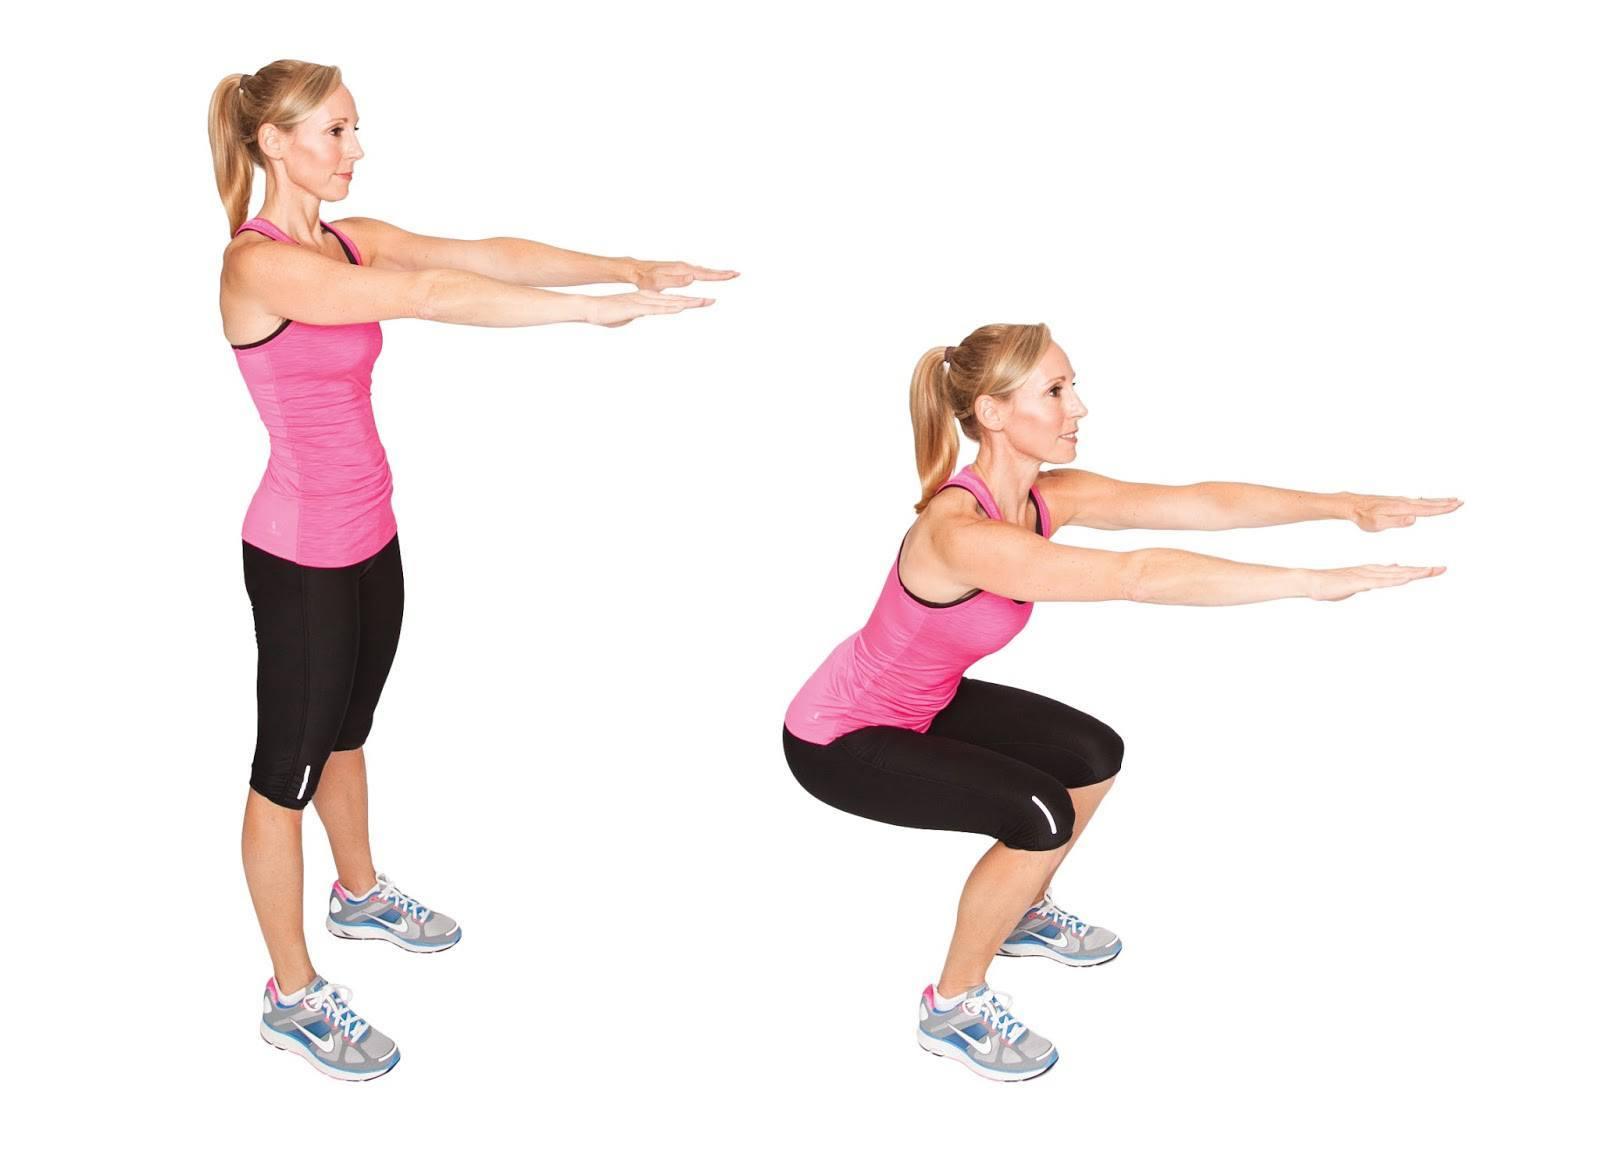 squat de base position detaillé